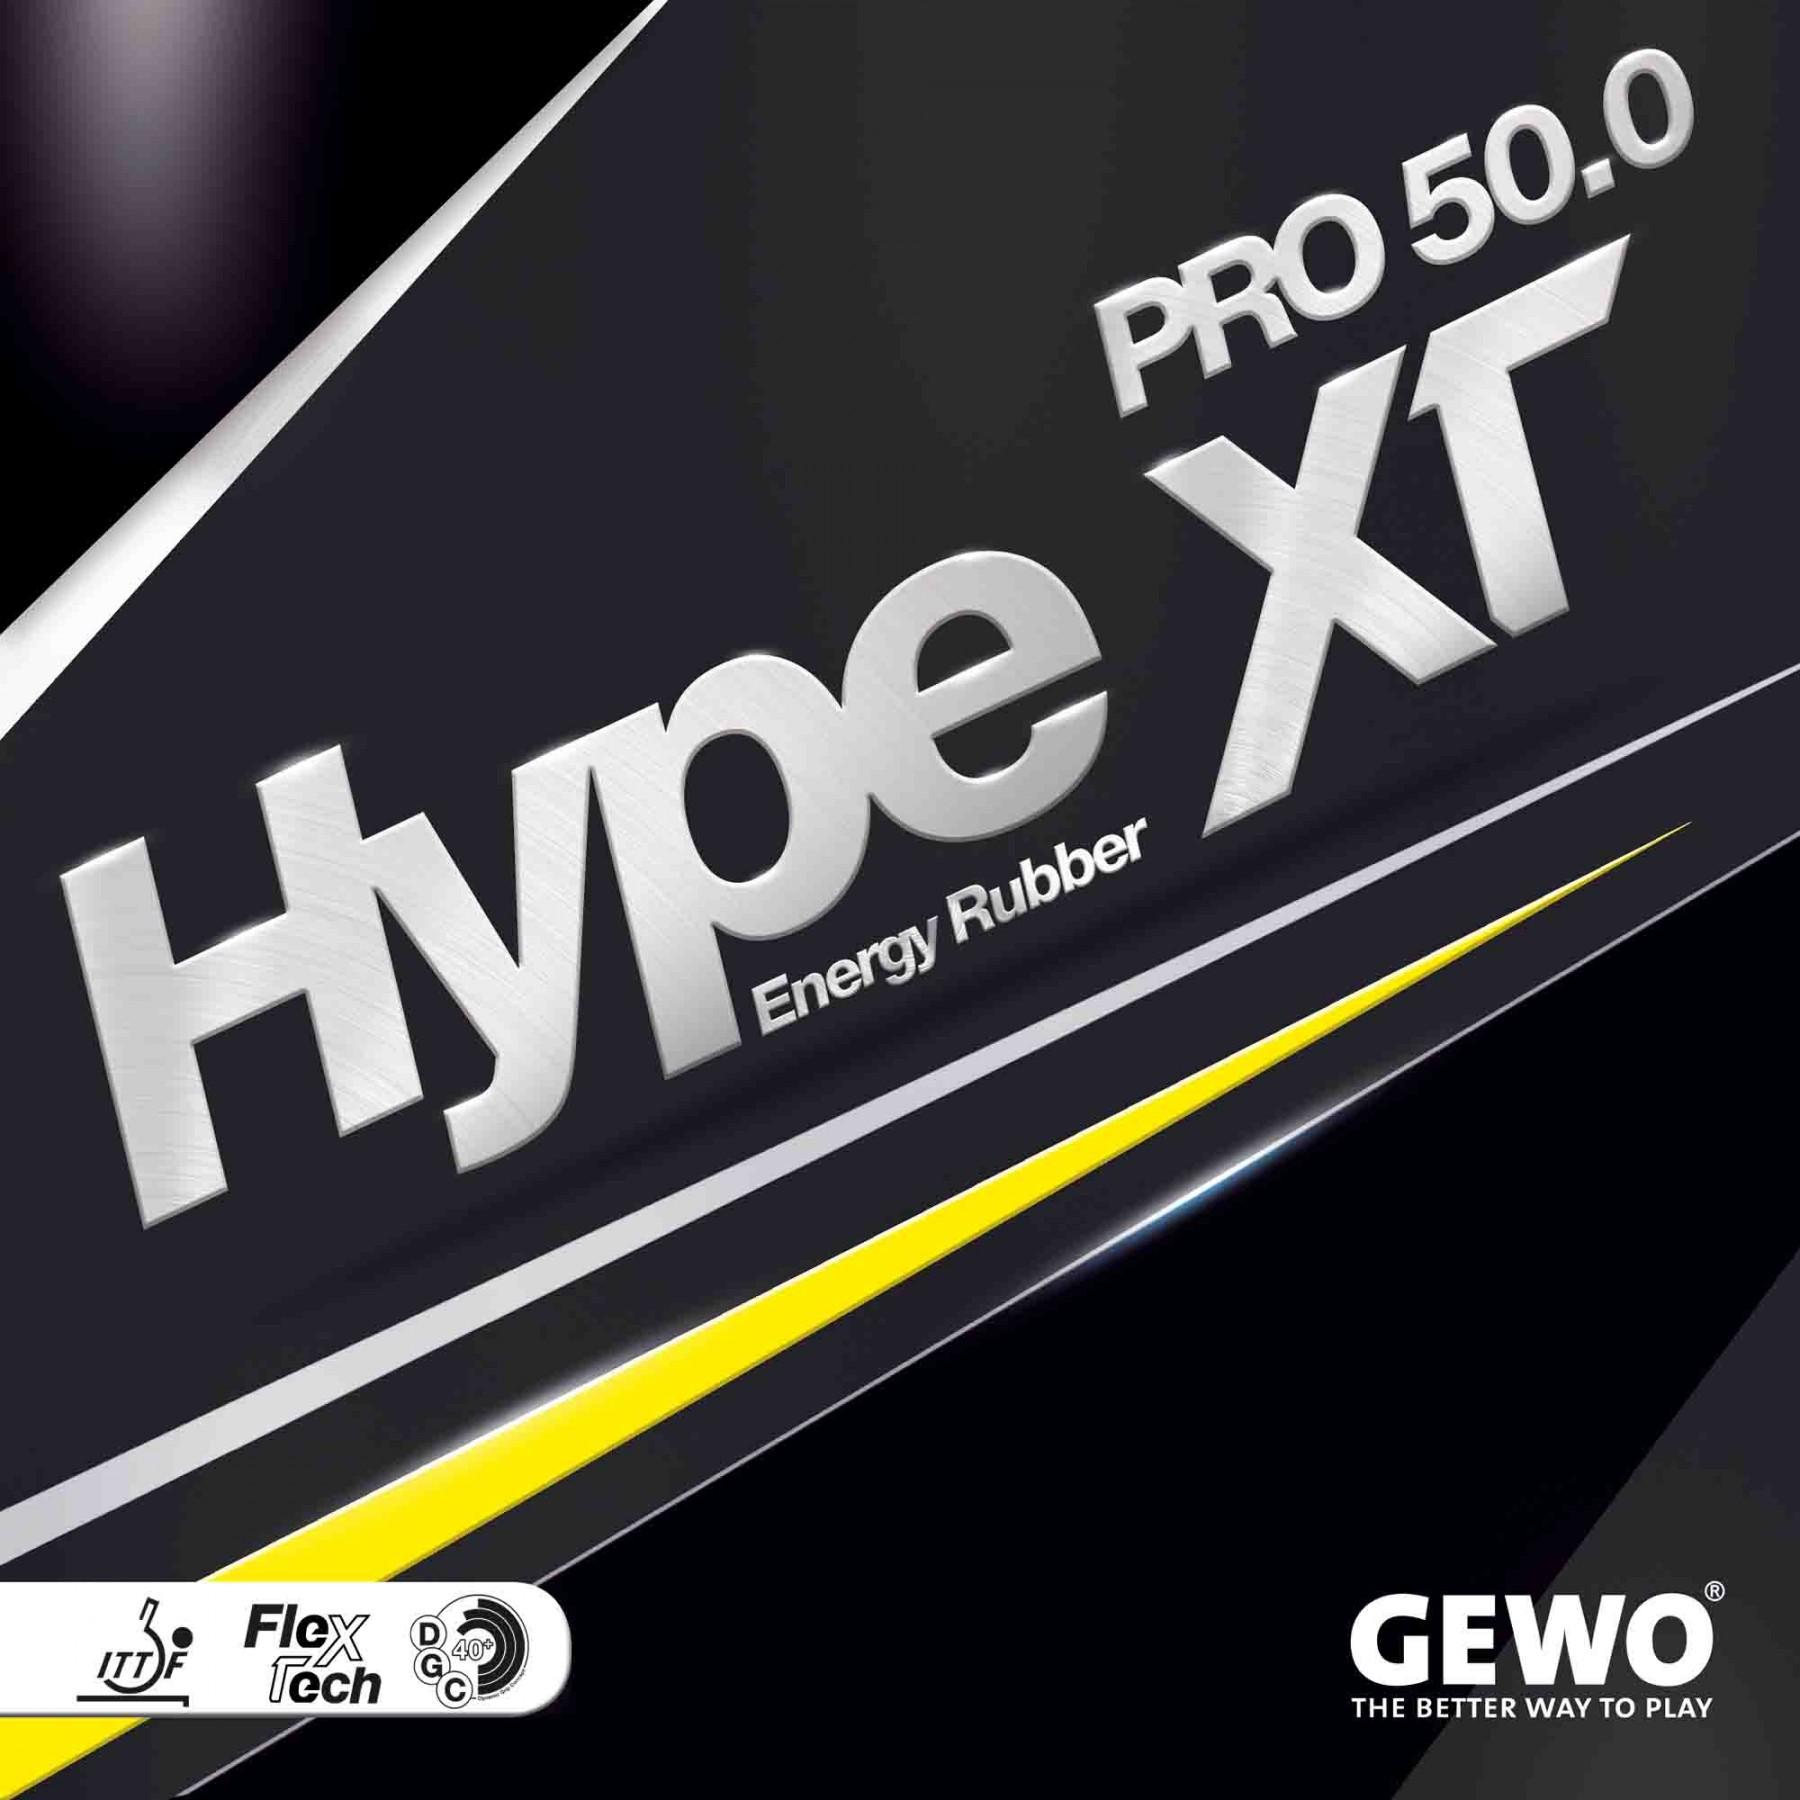 Bild des Belags Hype XT Pro 50.0